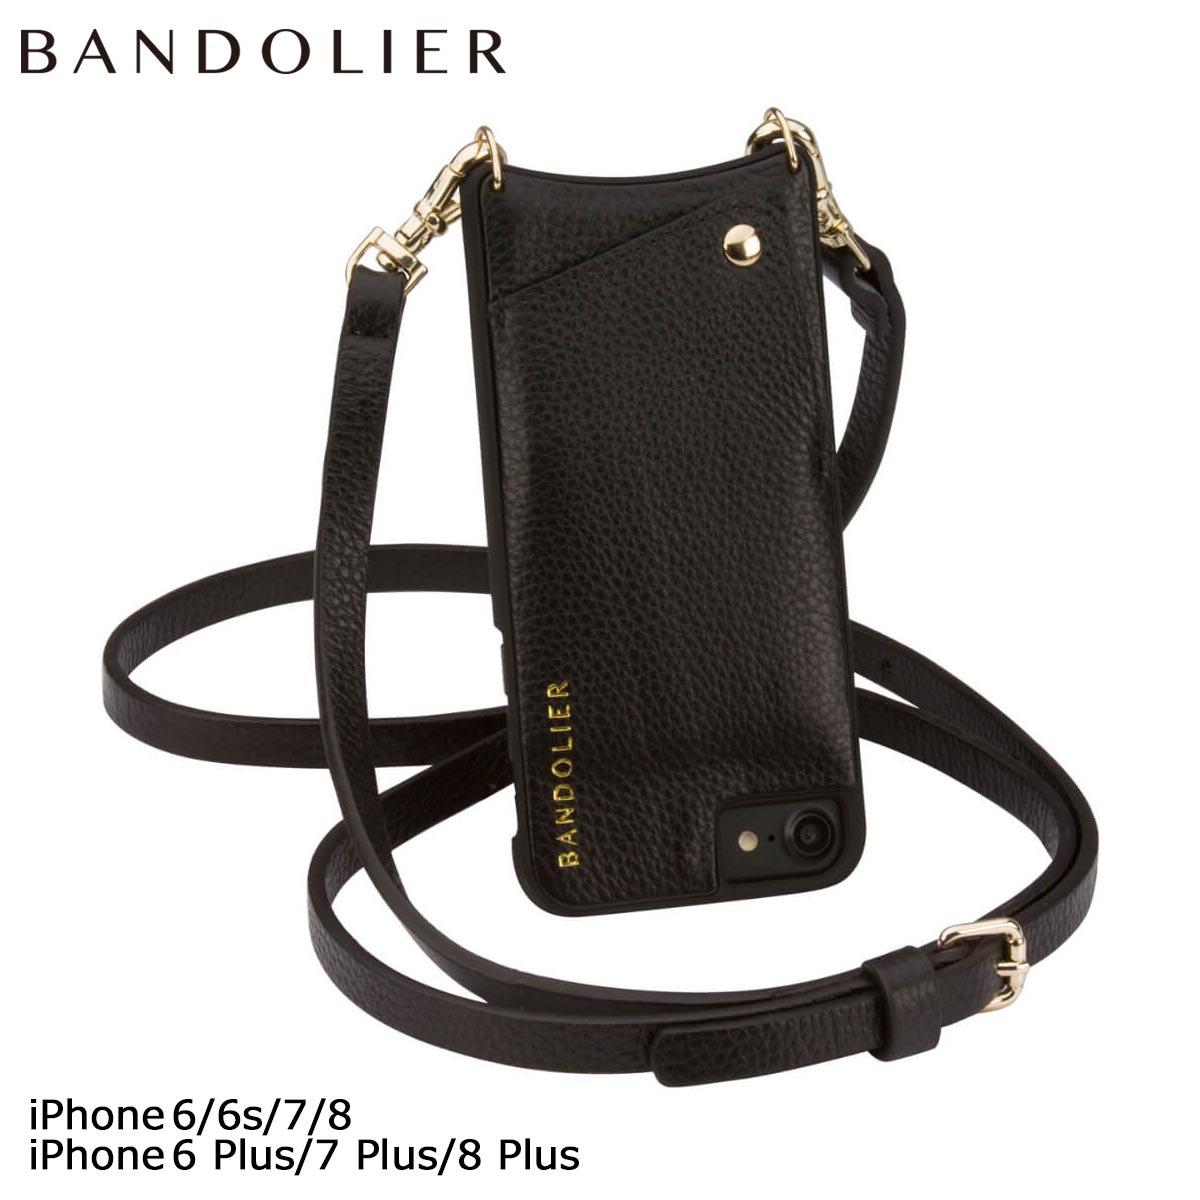 バンドリヤー BANDOLIER iPhone8 iPhone7 7Plus 6s ケース スマホ アイフォン プラス EMMA レザー メンズ レディース [4/18 再入荷]